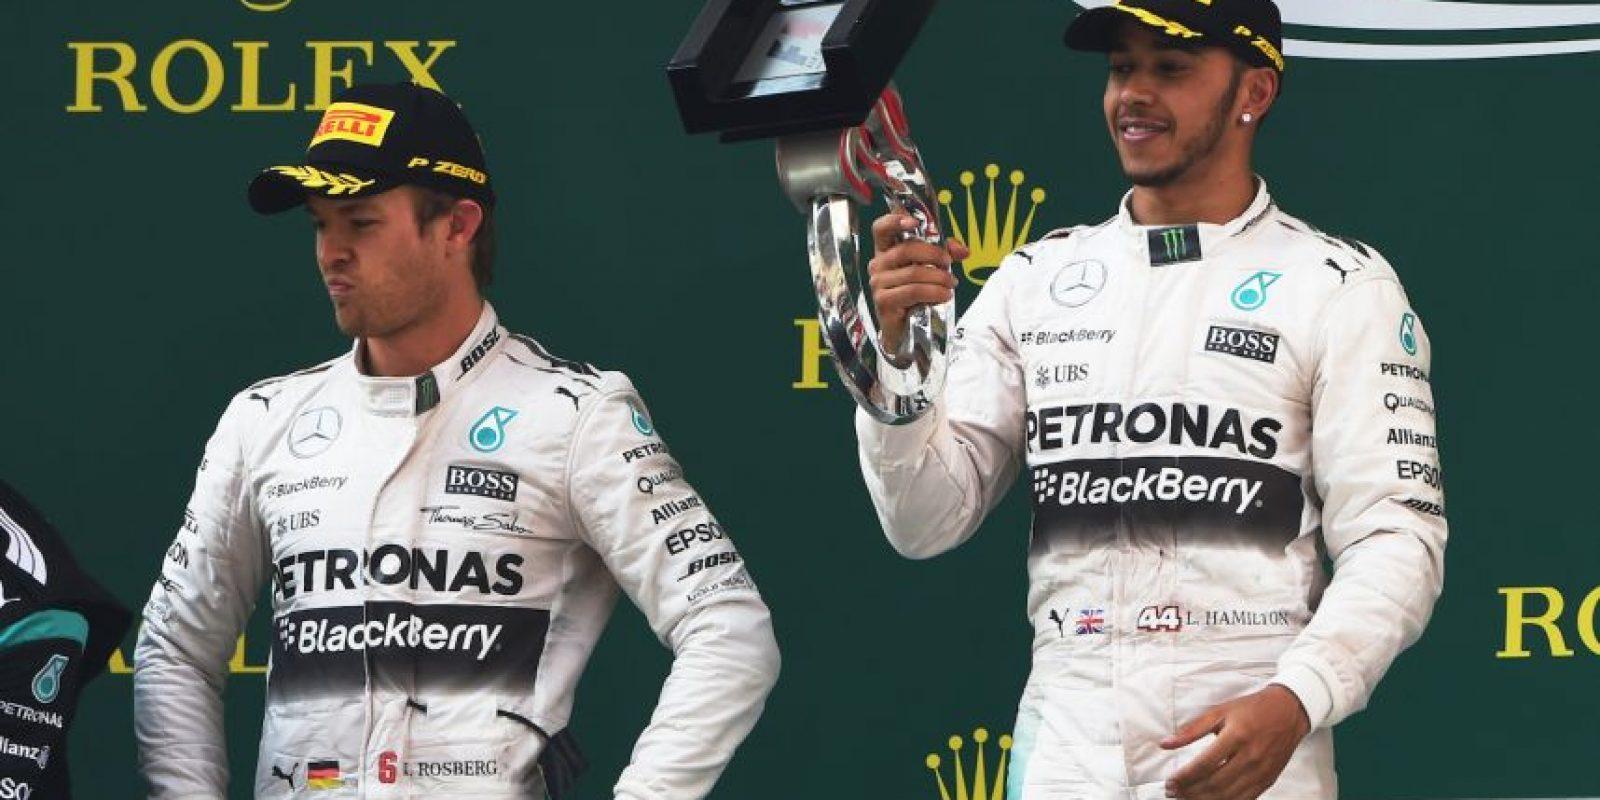 """Hace tiempo Nico Rosberg y Lewis Hamilton tenían una relación amistosa, hoy son grandes """"enemigos"""" que compiten dentro y fuera de los circuitos desde hace un año. Foto:AFP"""